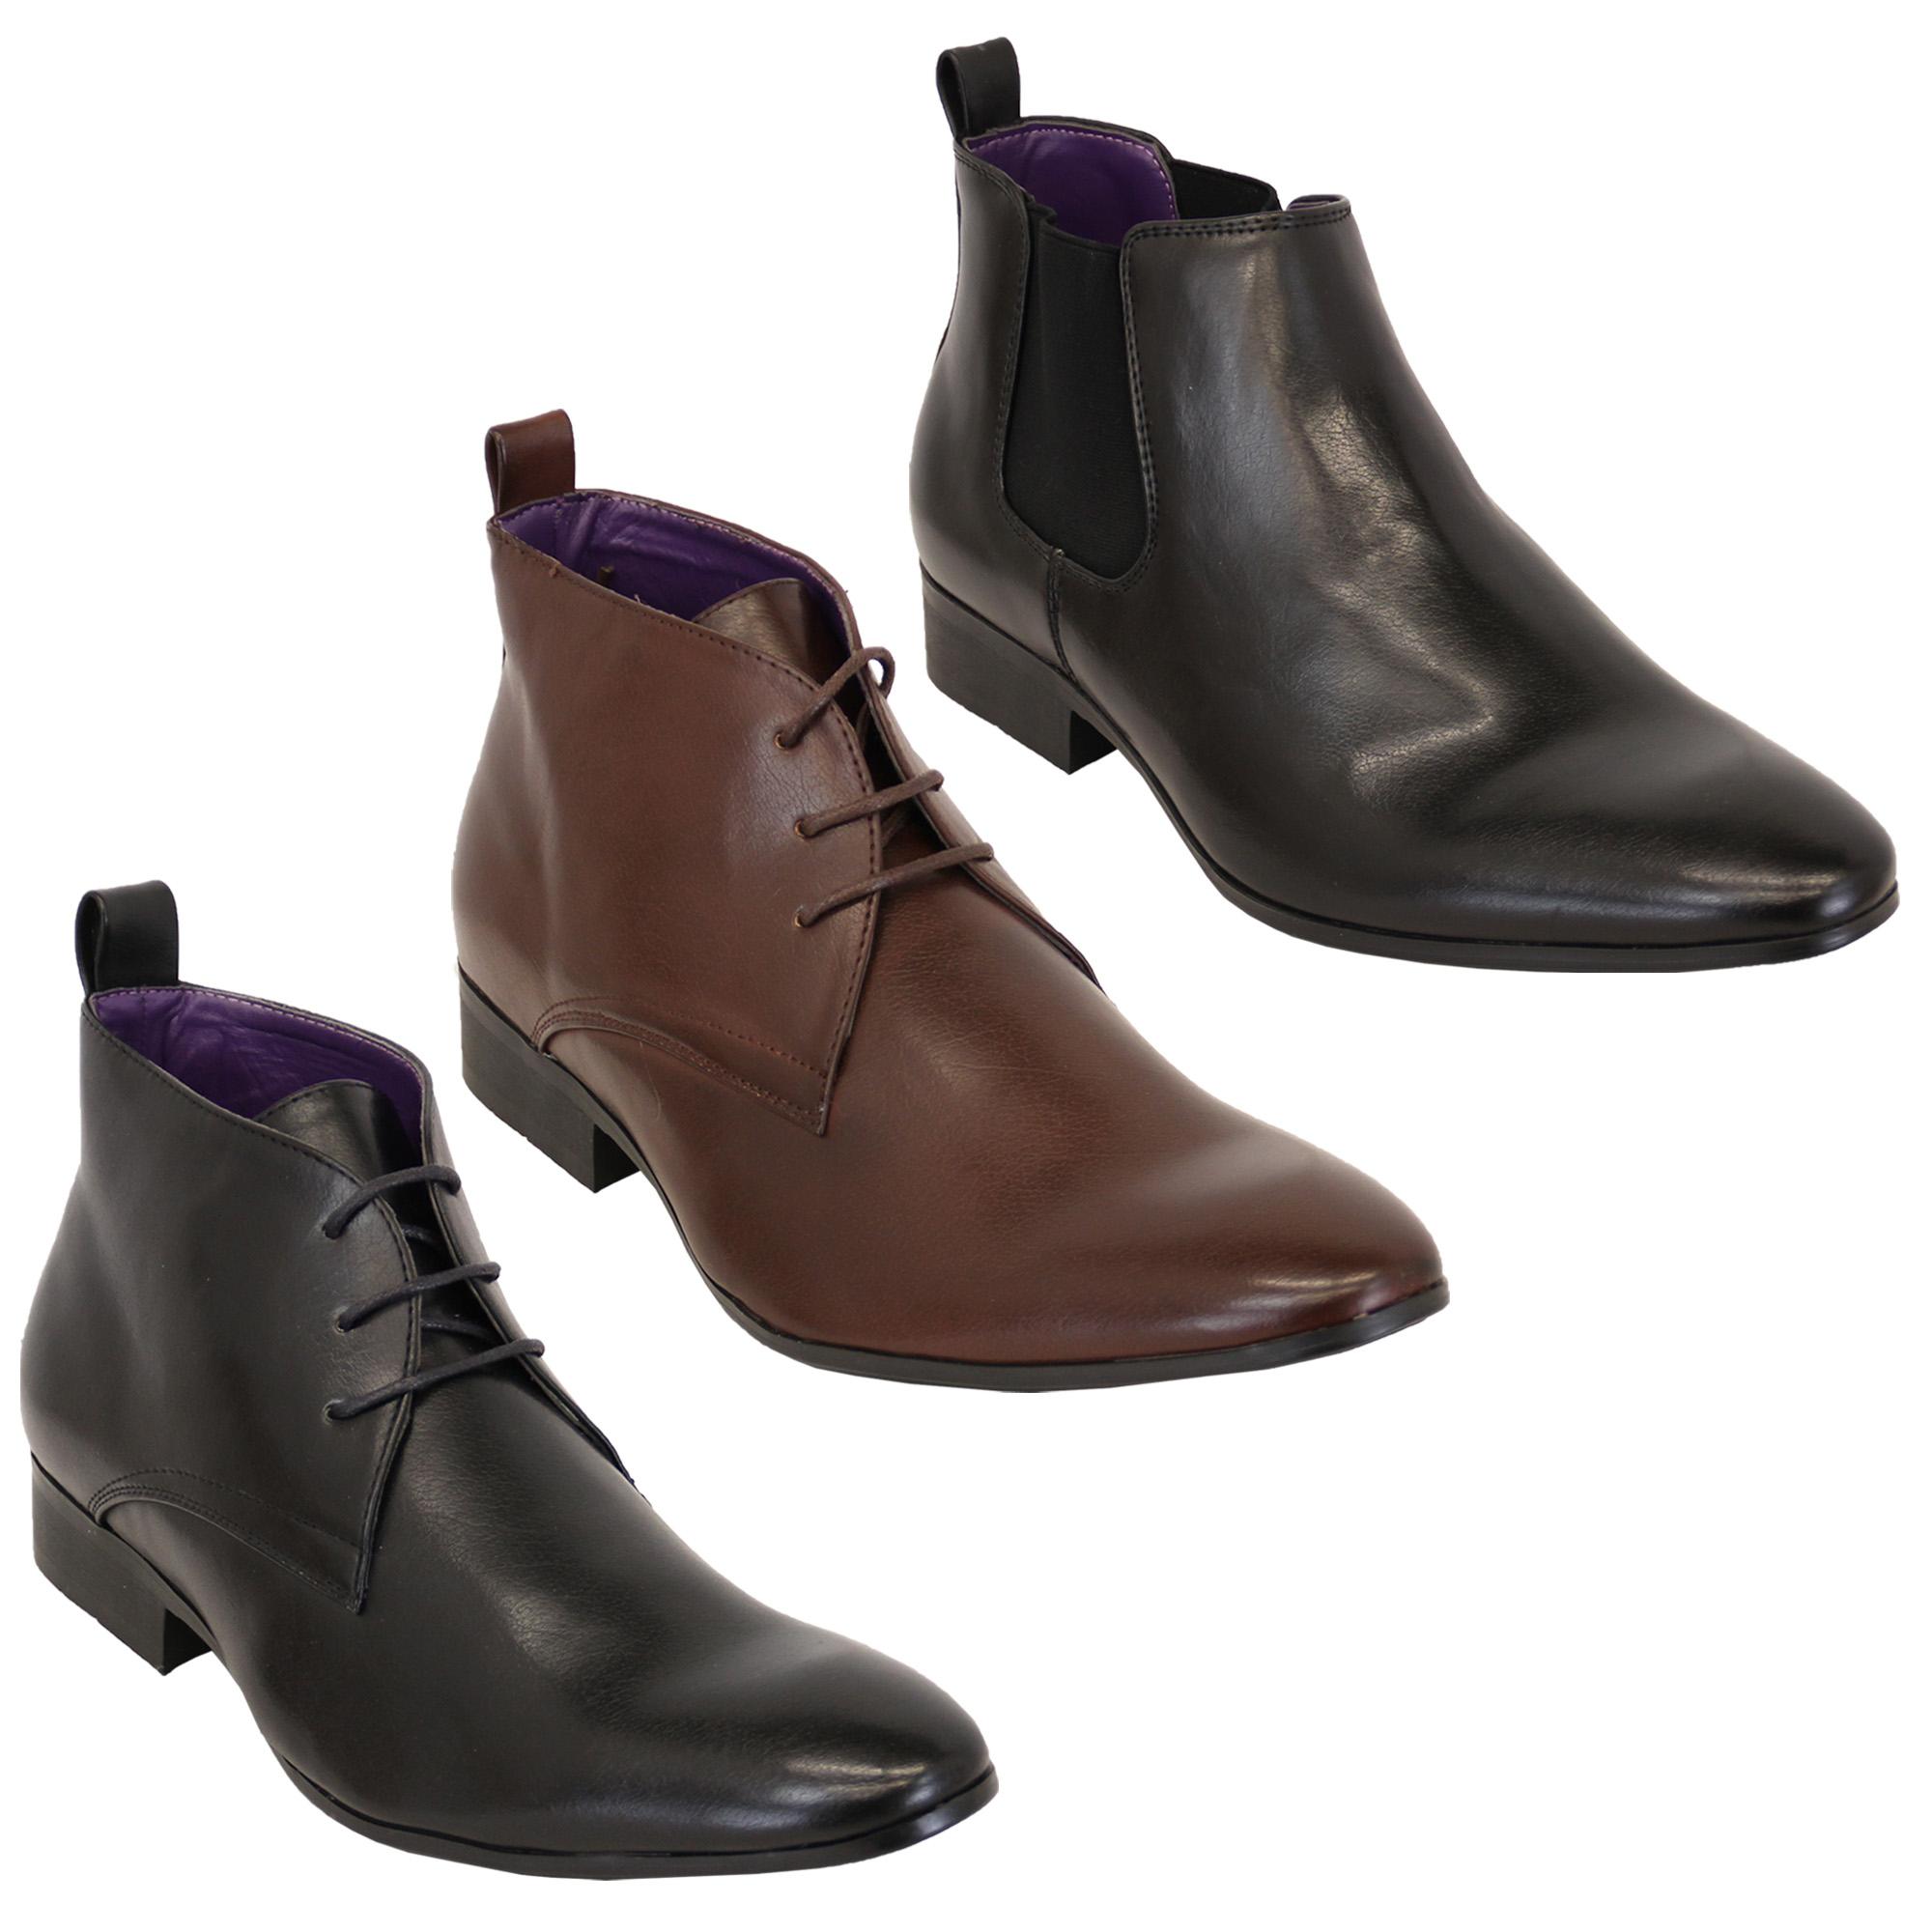 e76223dc528 Hombre Alto Botines Piel Sintética Chelsea sin Cordones Zapatos de ...